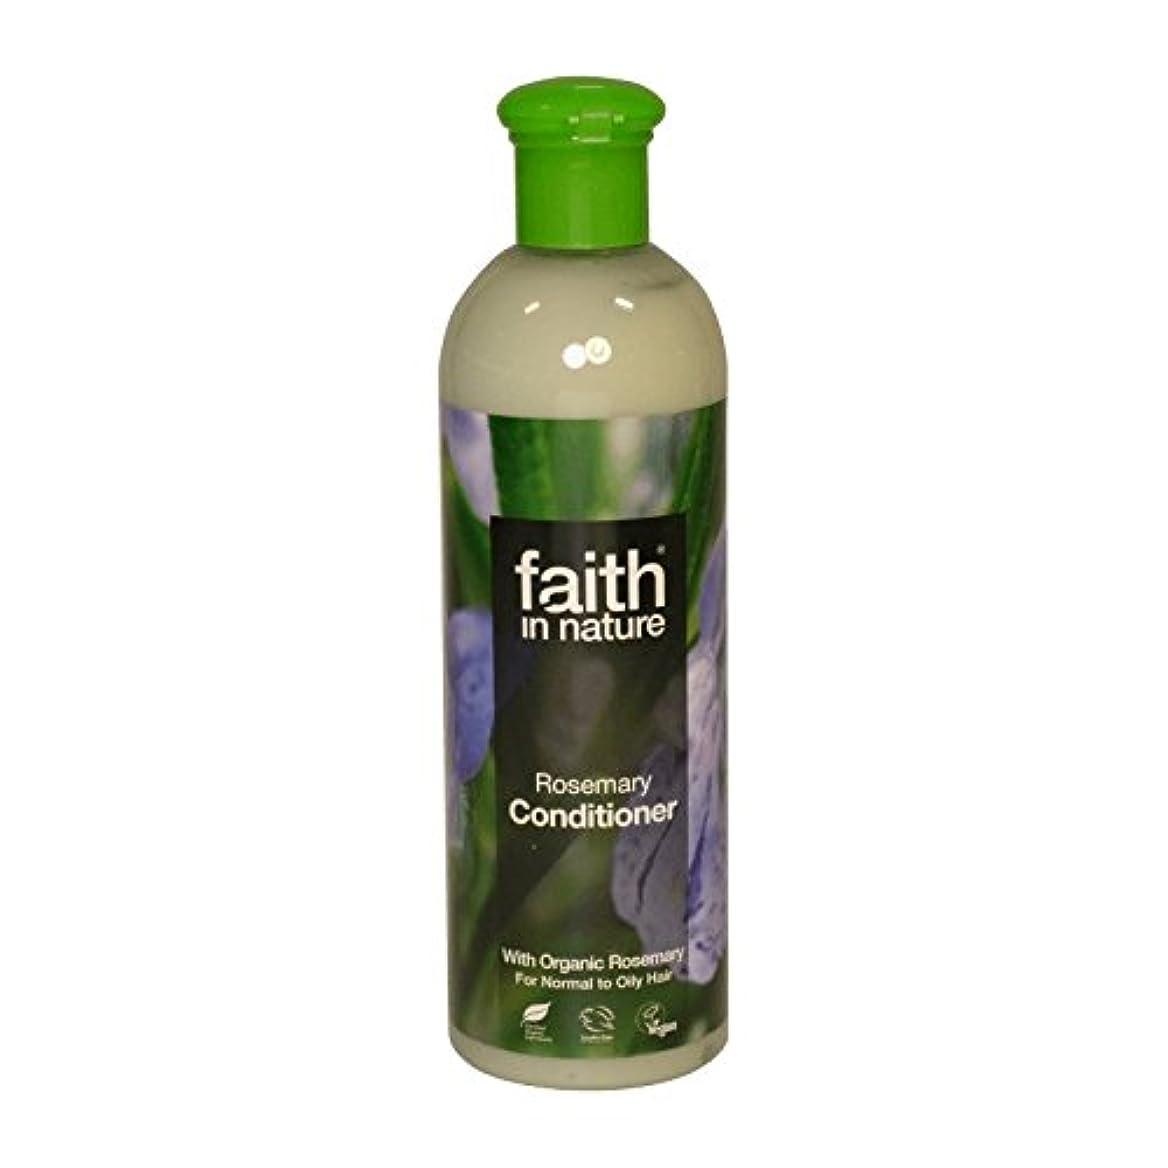 より消す退却Faith in Nature Rosemary Conditioner 400ml (Pack of 2) - 自然ローズマリーコンディショナー400ミリリットルの信仰 (x2) [並行輸入品]